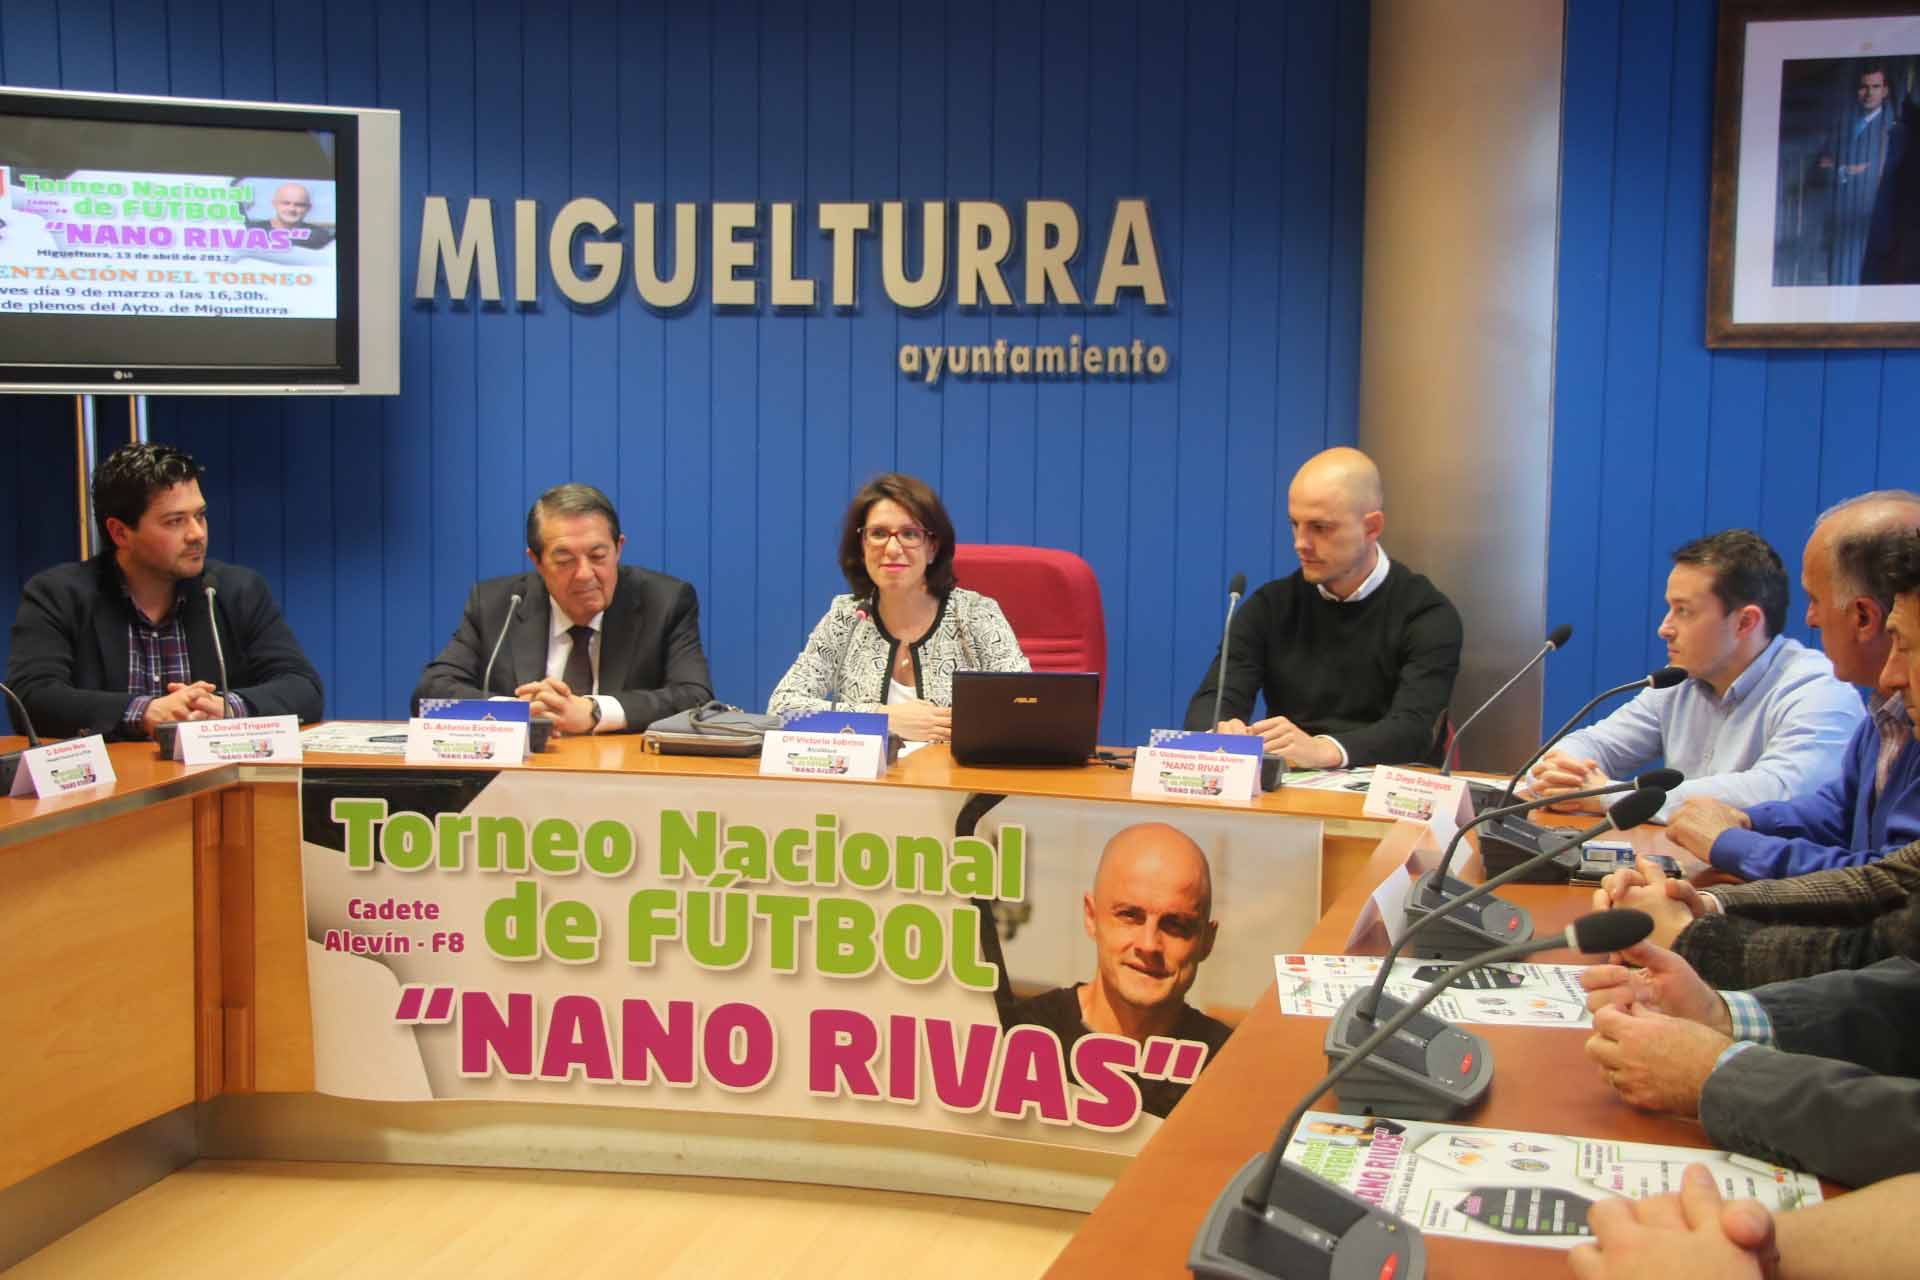 Miguelturra acogerá el 13 de abril el Torneo Nacional de Fútbol «Nano Rivas»